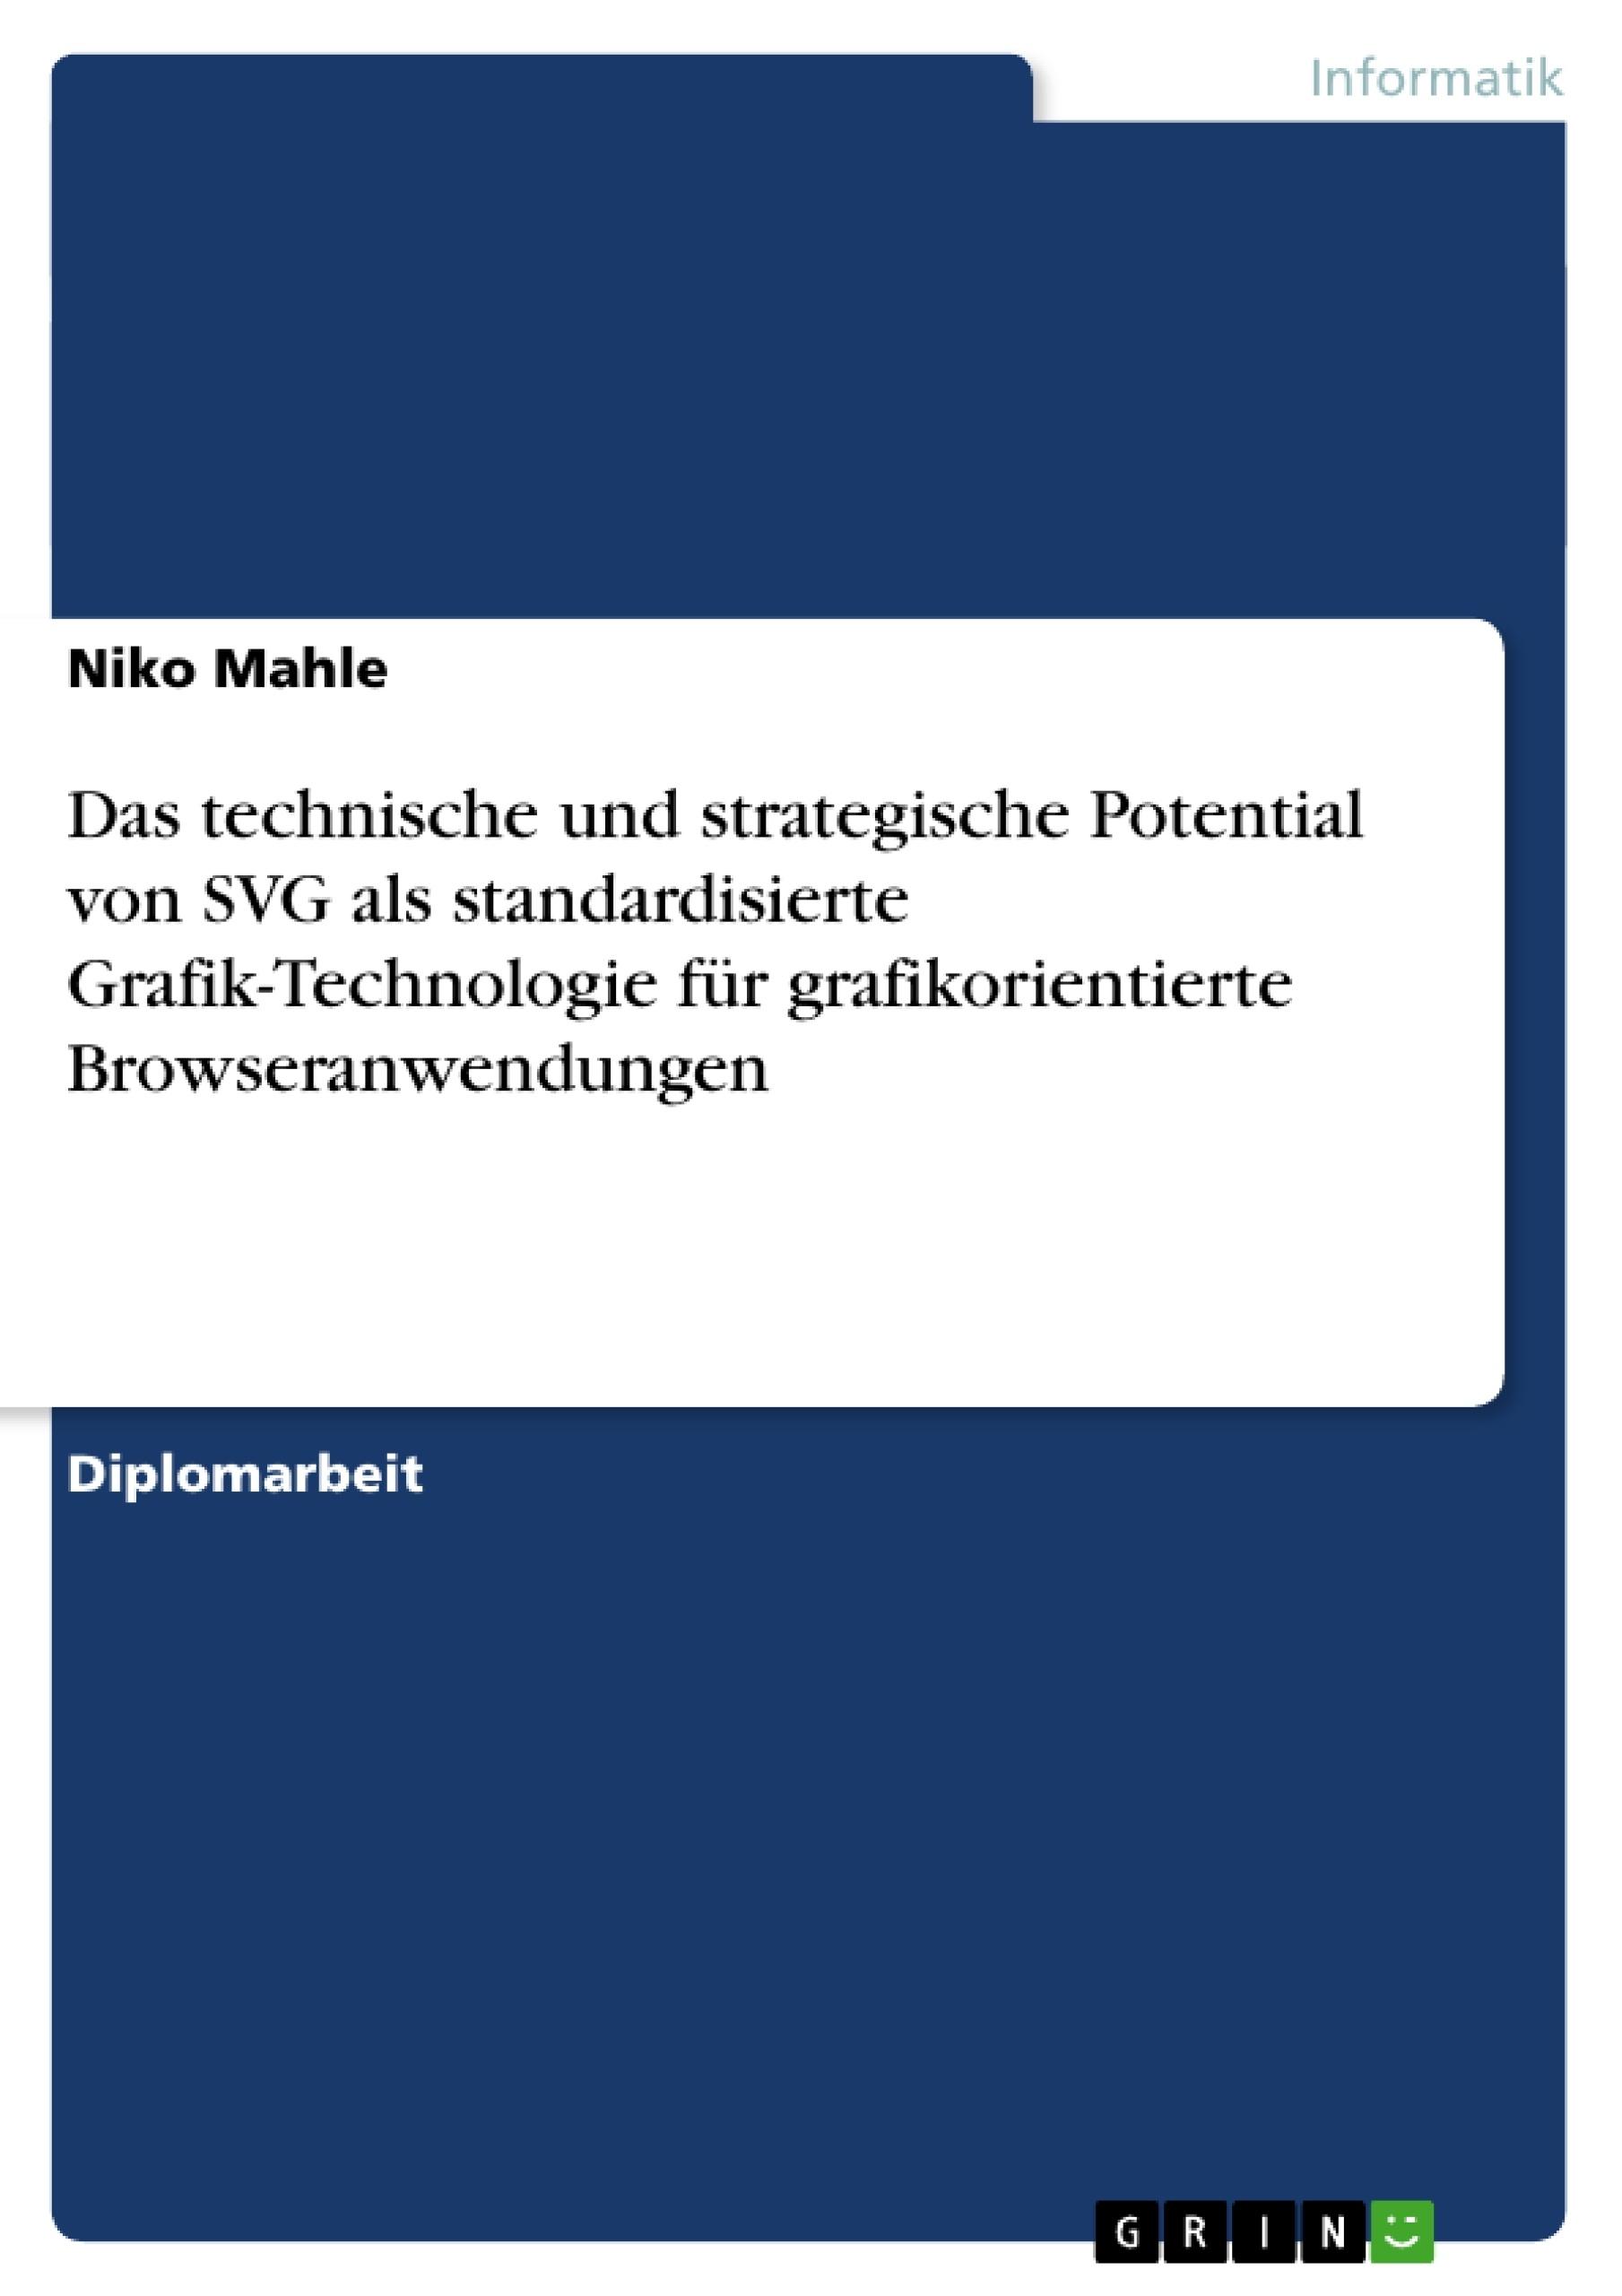 Titel: Das technische und strategische Potential von SVG als standardisierte Grafik-Technologie für grafikorientierte Browseranwendungen